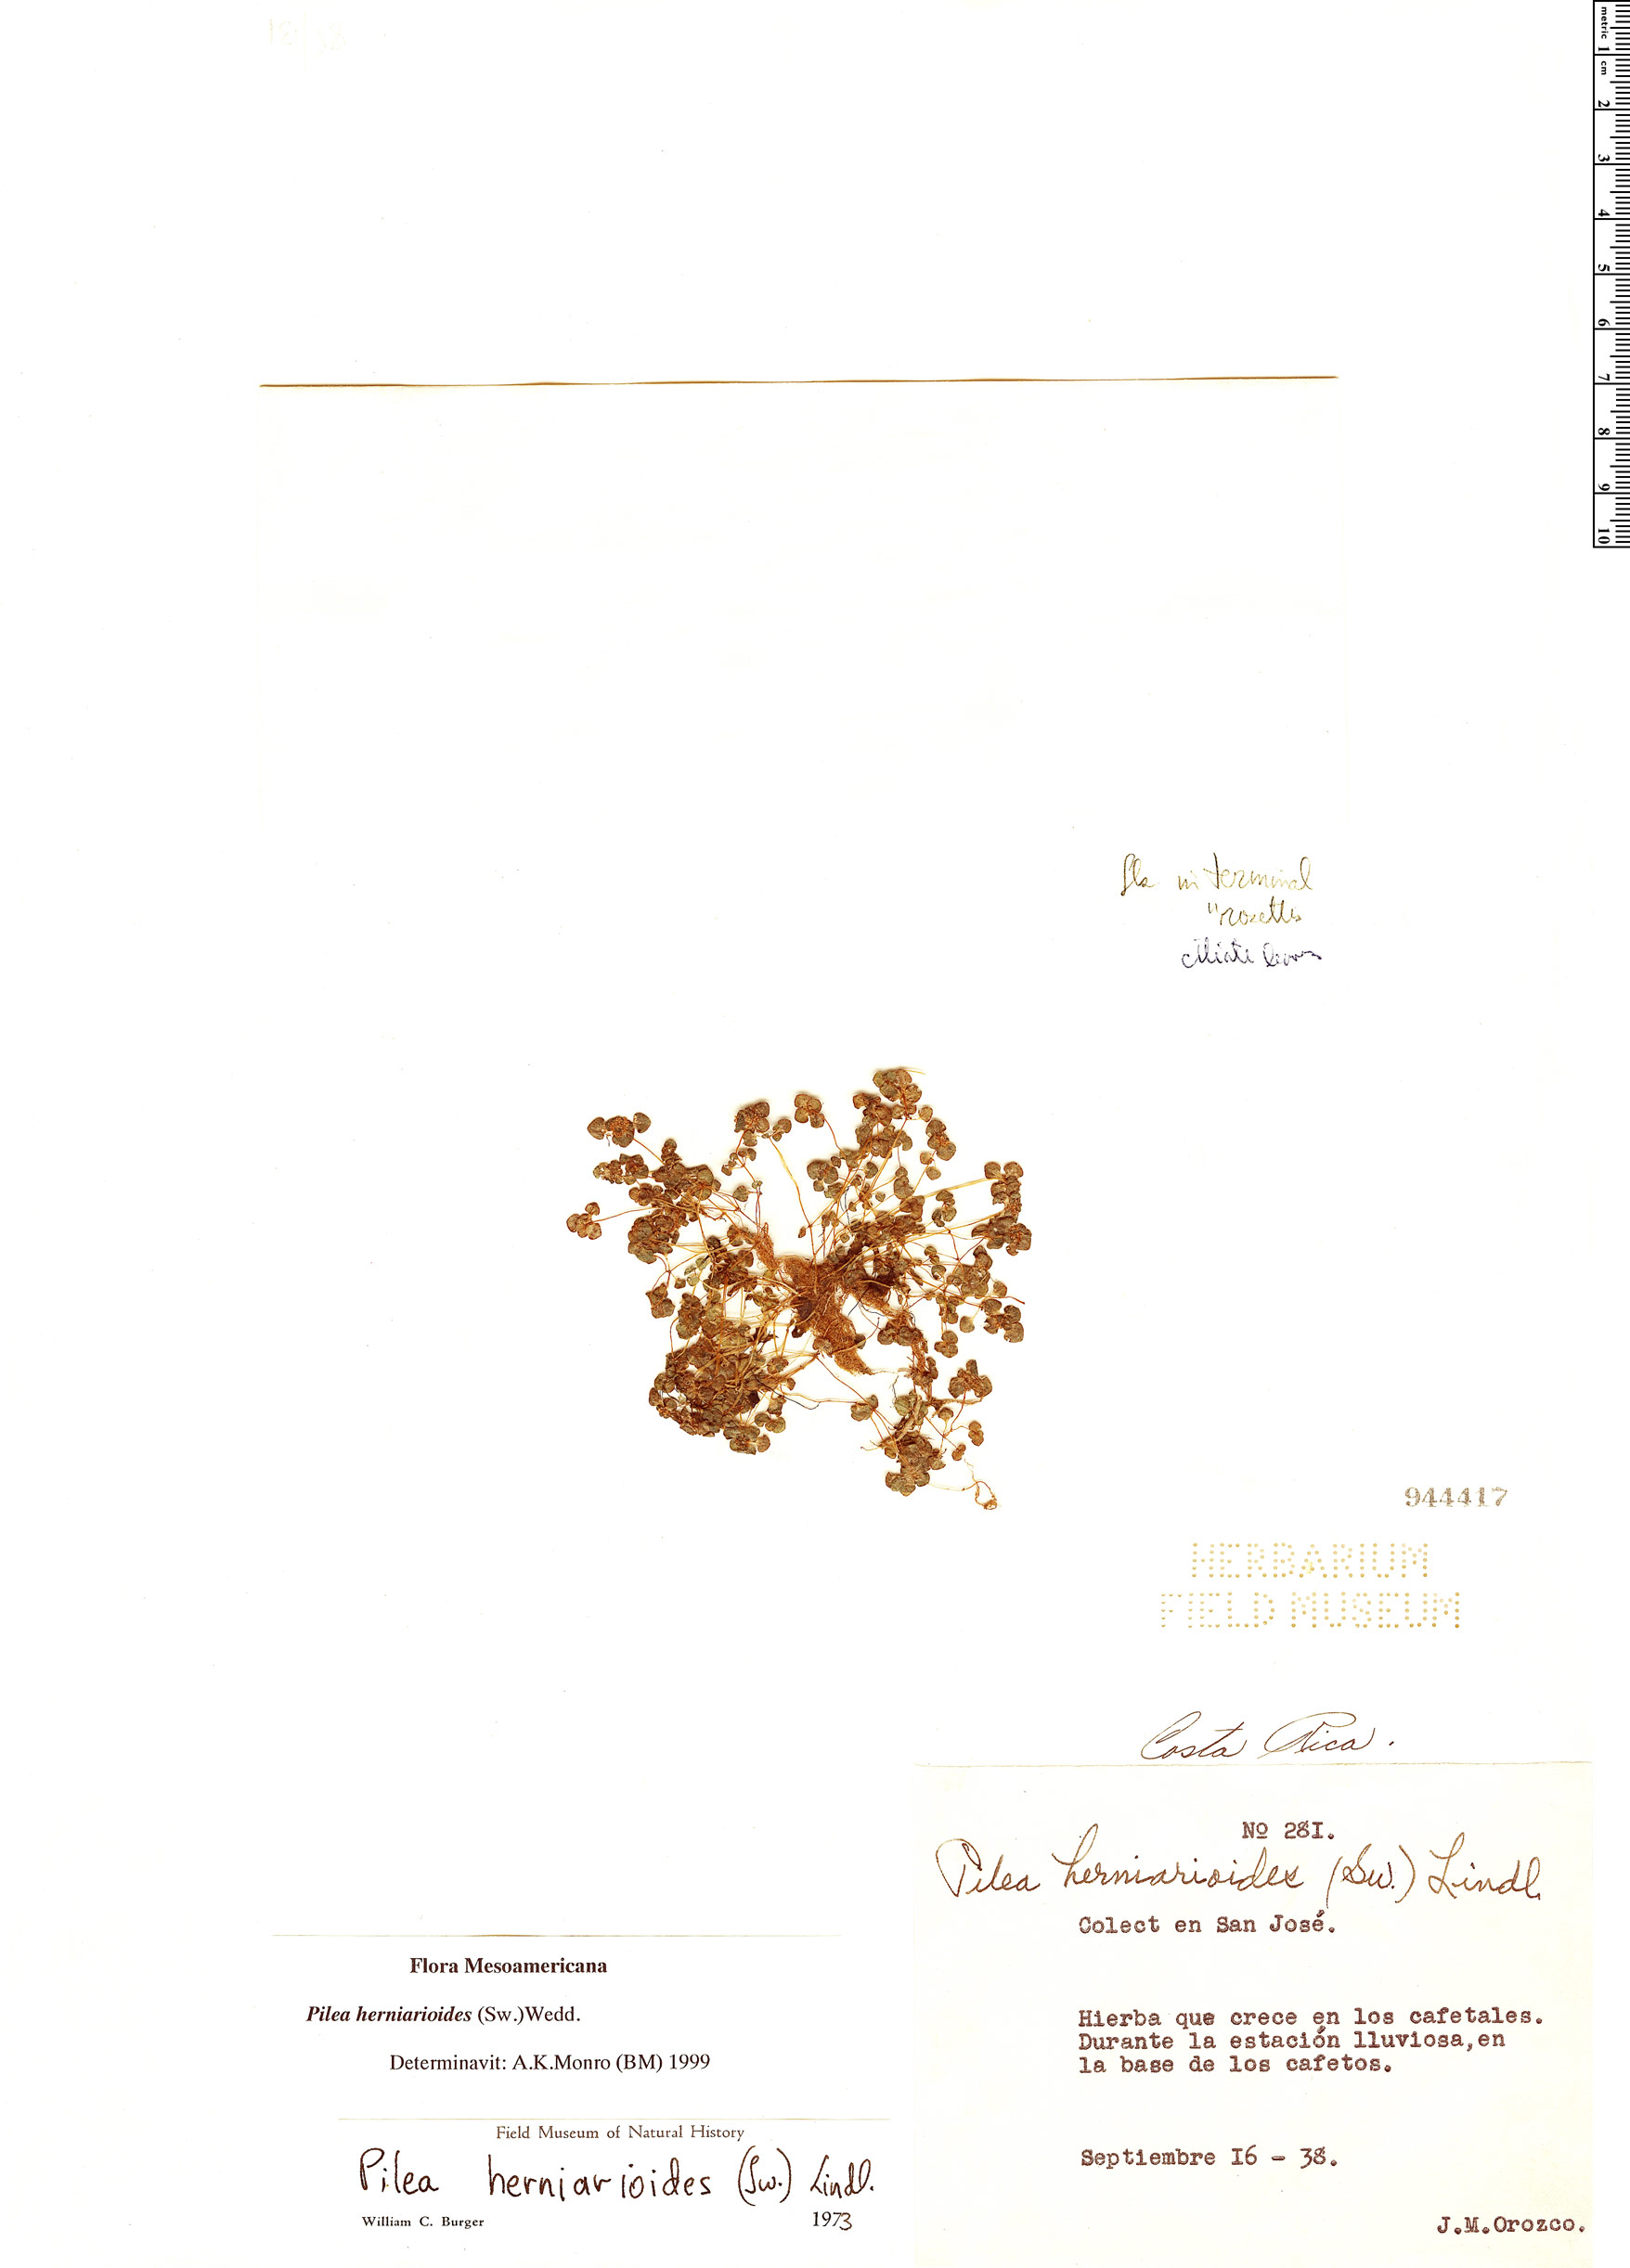 Specimen: Pilea herniarioides